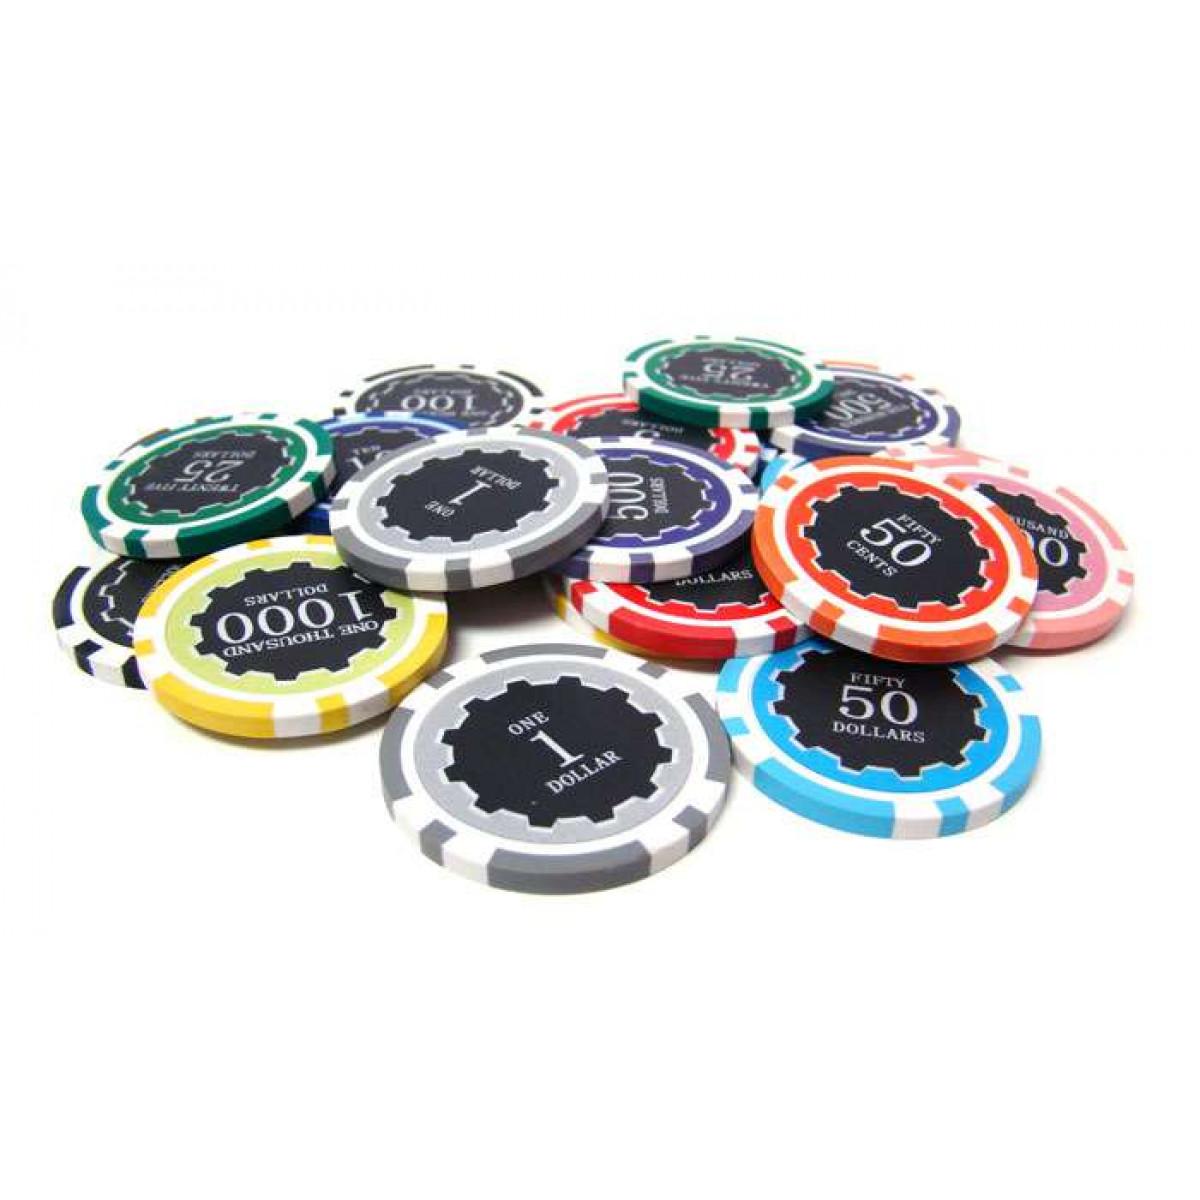 500 poker chip set breakdown